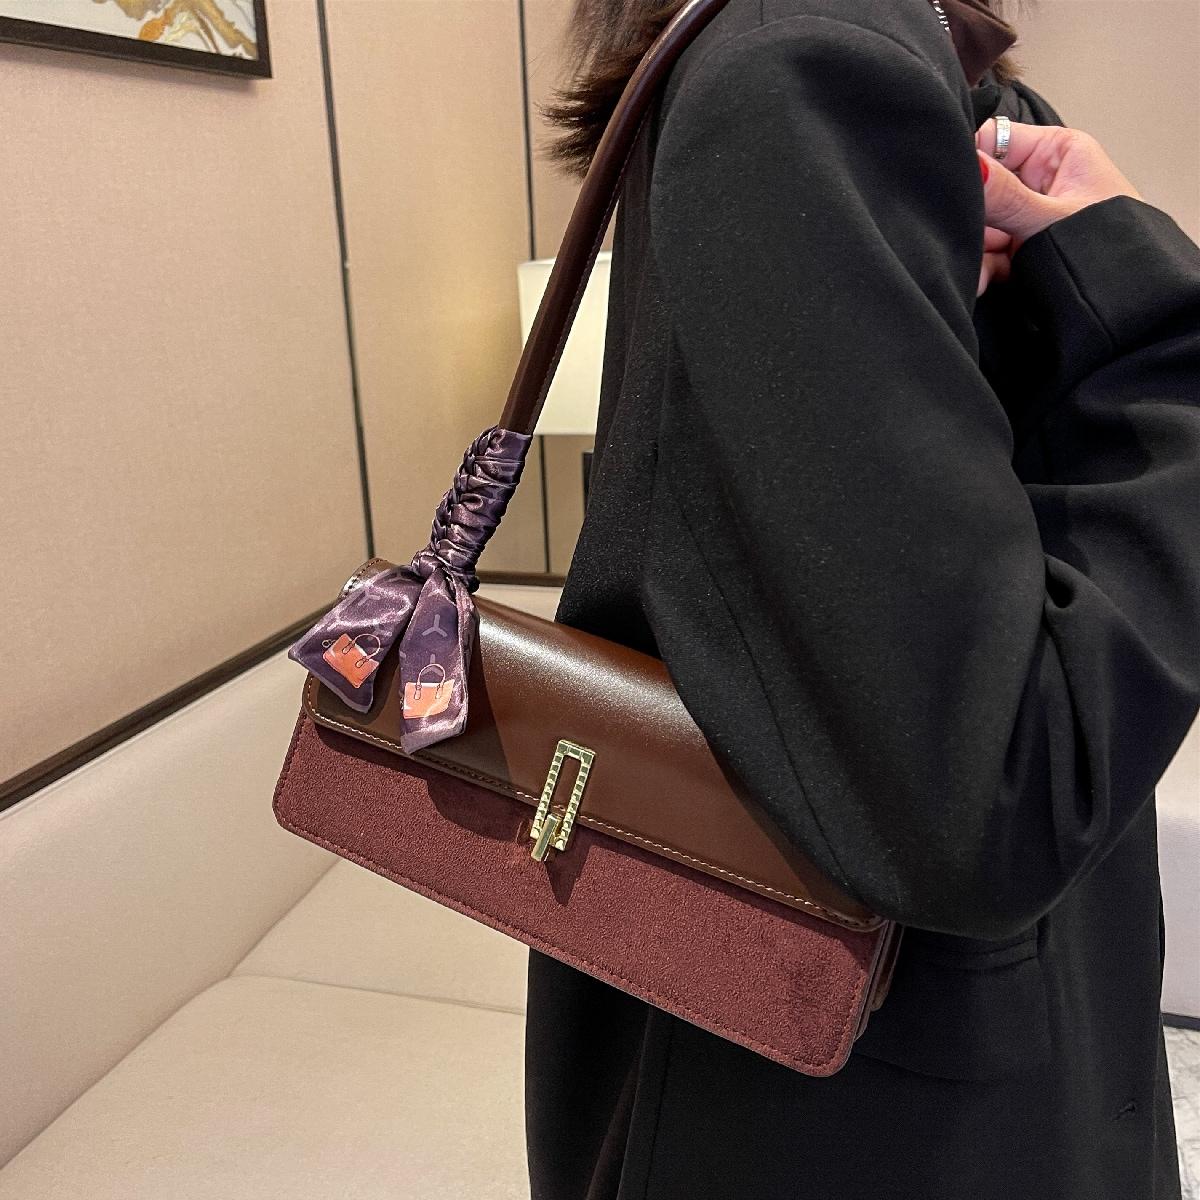 Scarf Decor Flap Baguette Bag